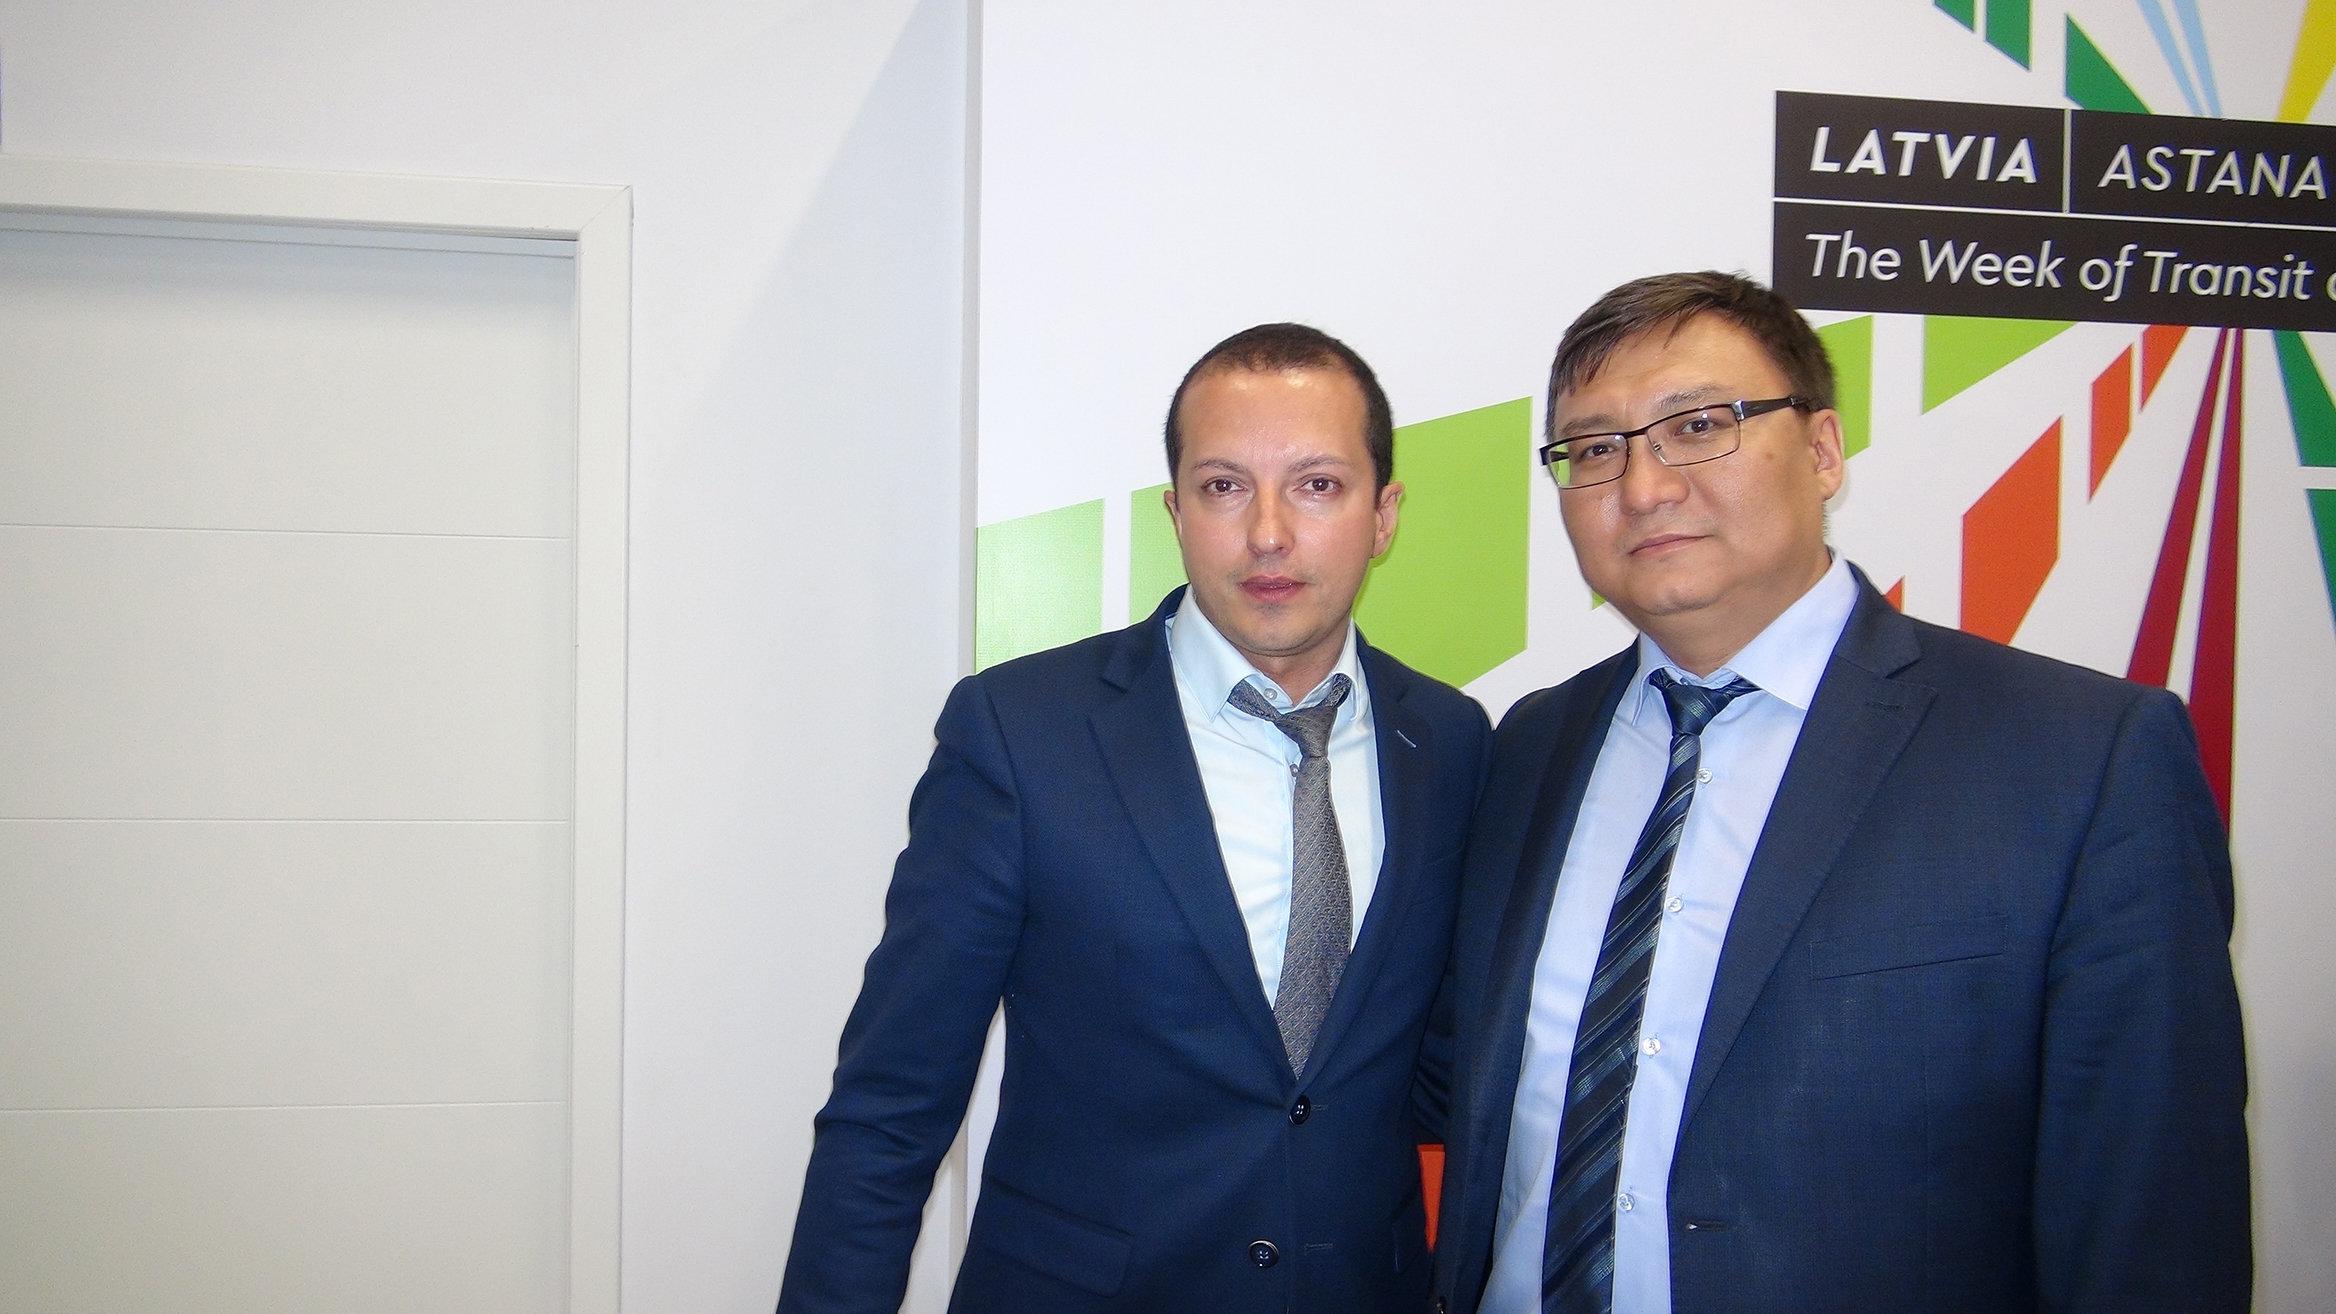 Заместитель директора железнодорожного перевозчика TransContainer Дионис Шахбазов и Алмат Каримов